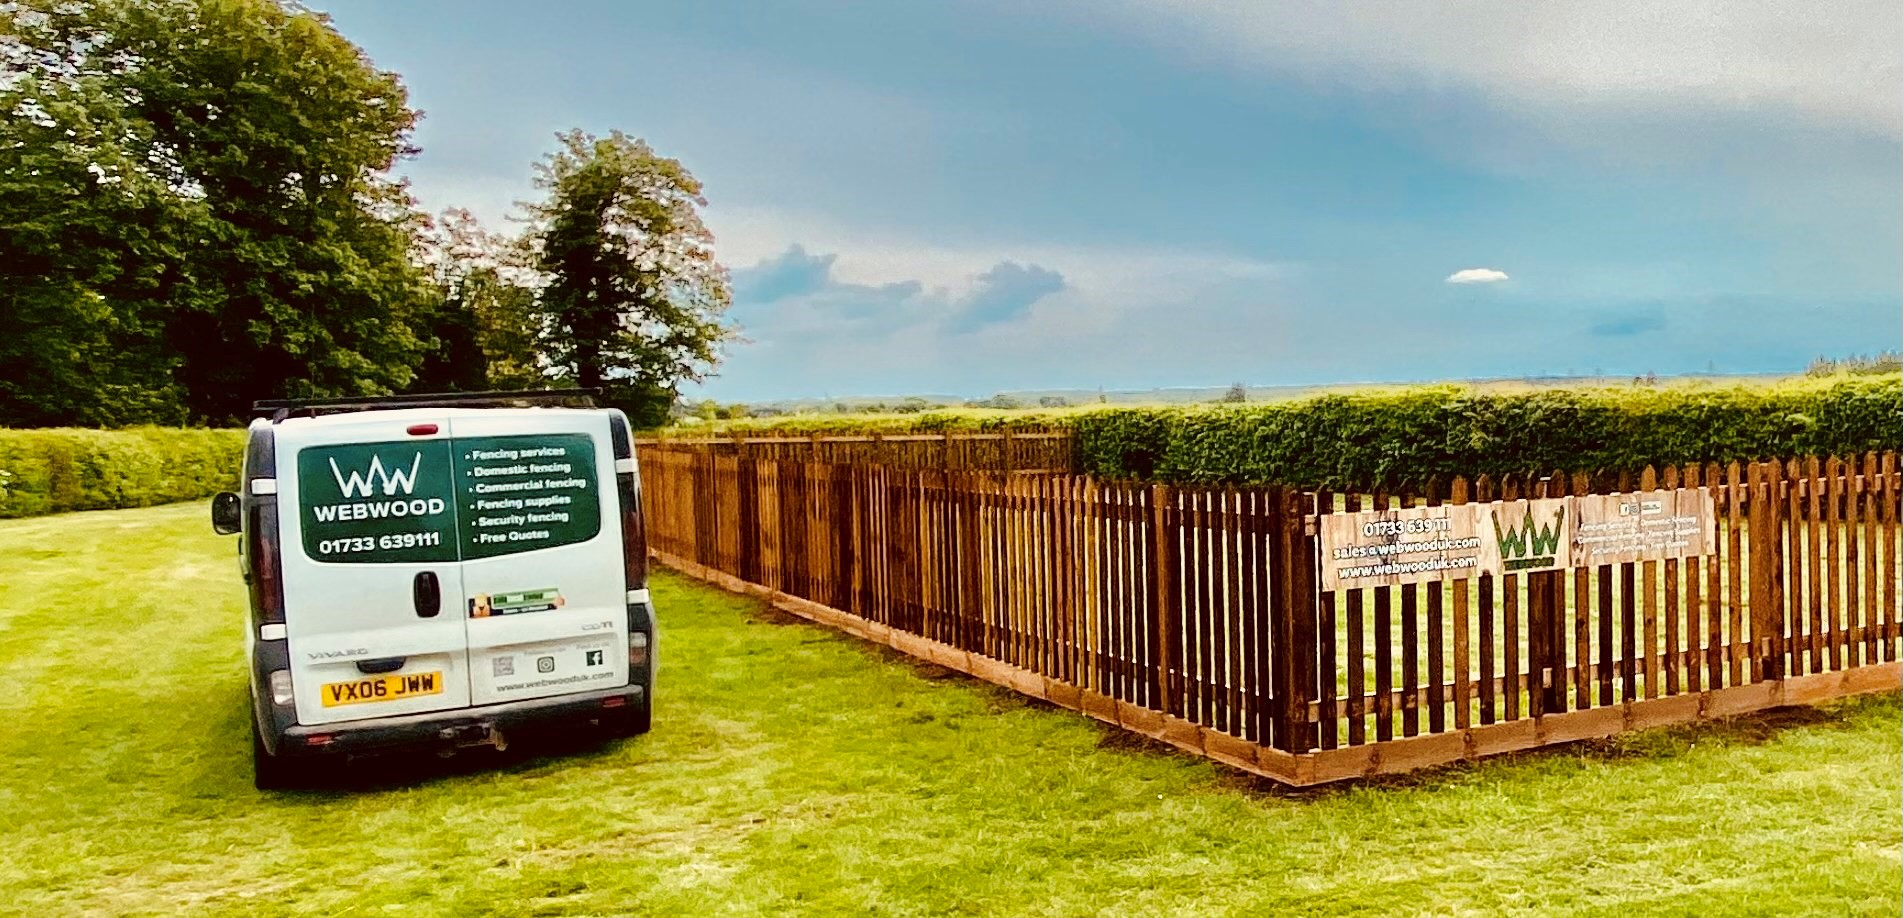 picket fencing enclosure for pub 5